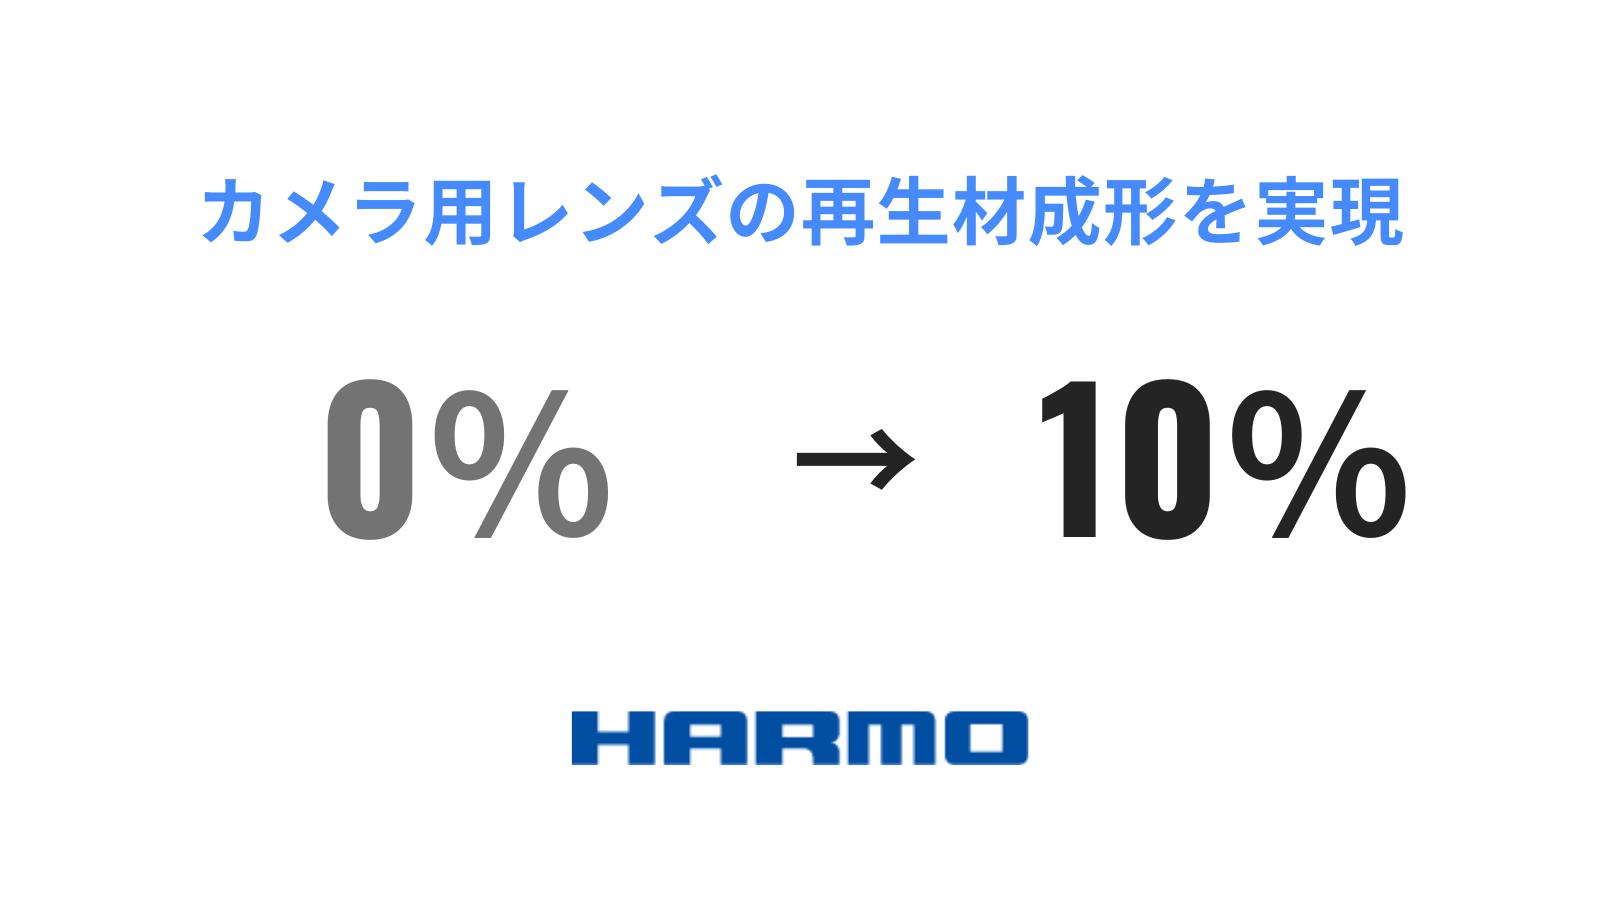 カメラ用レンズ成形で0%だったリサイクル率が10%に|粒断機の導入